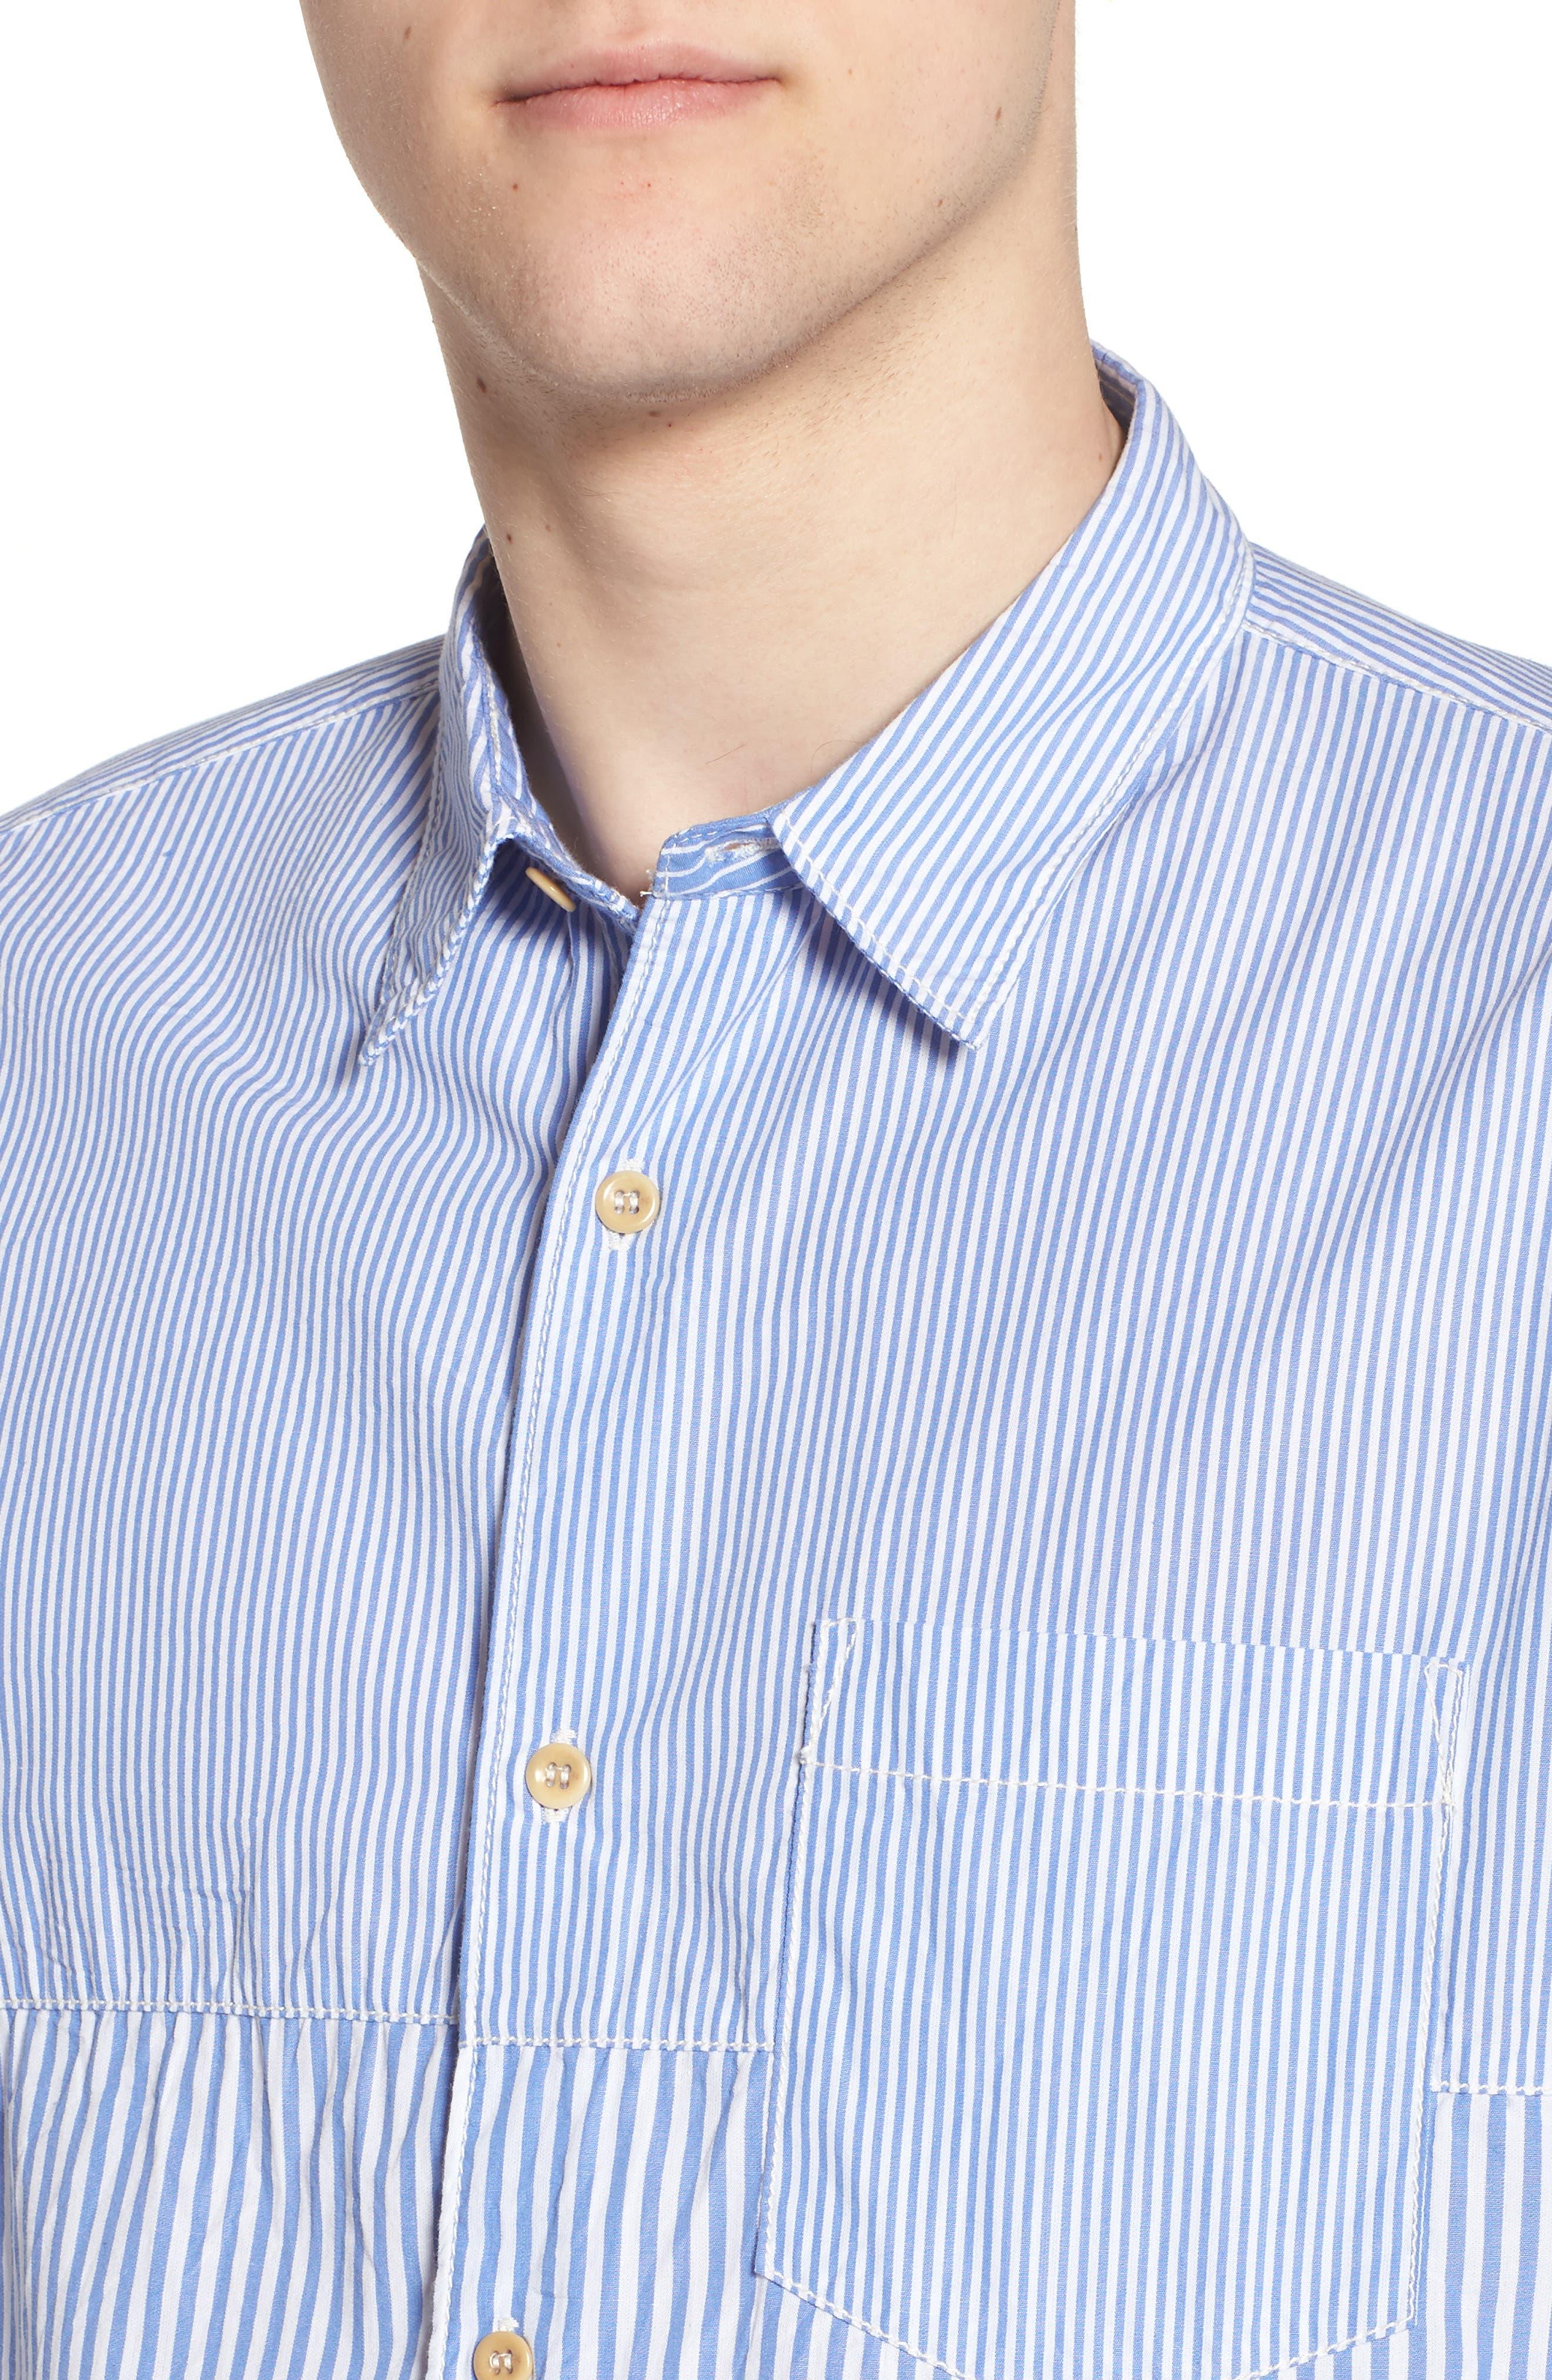 Regular Fit Stripe Sport Shirt,                             Alternate thumbnail 4, color,                             All Stripe